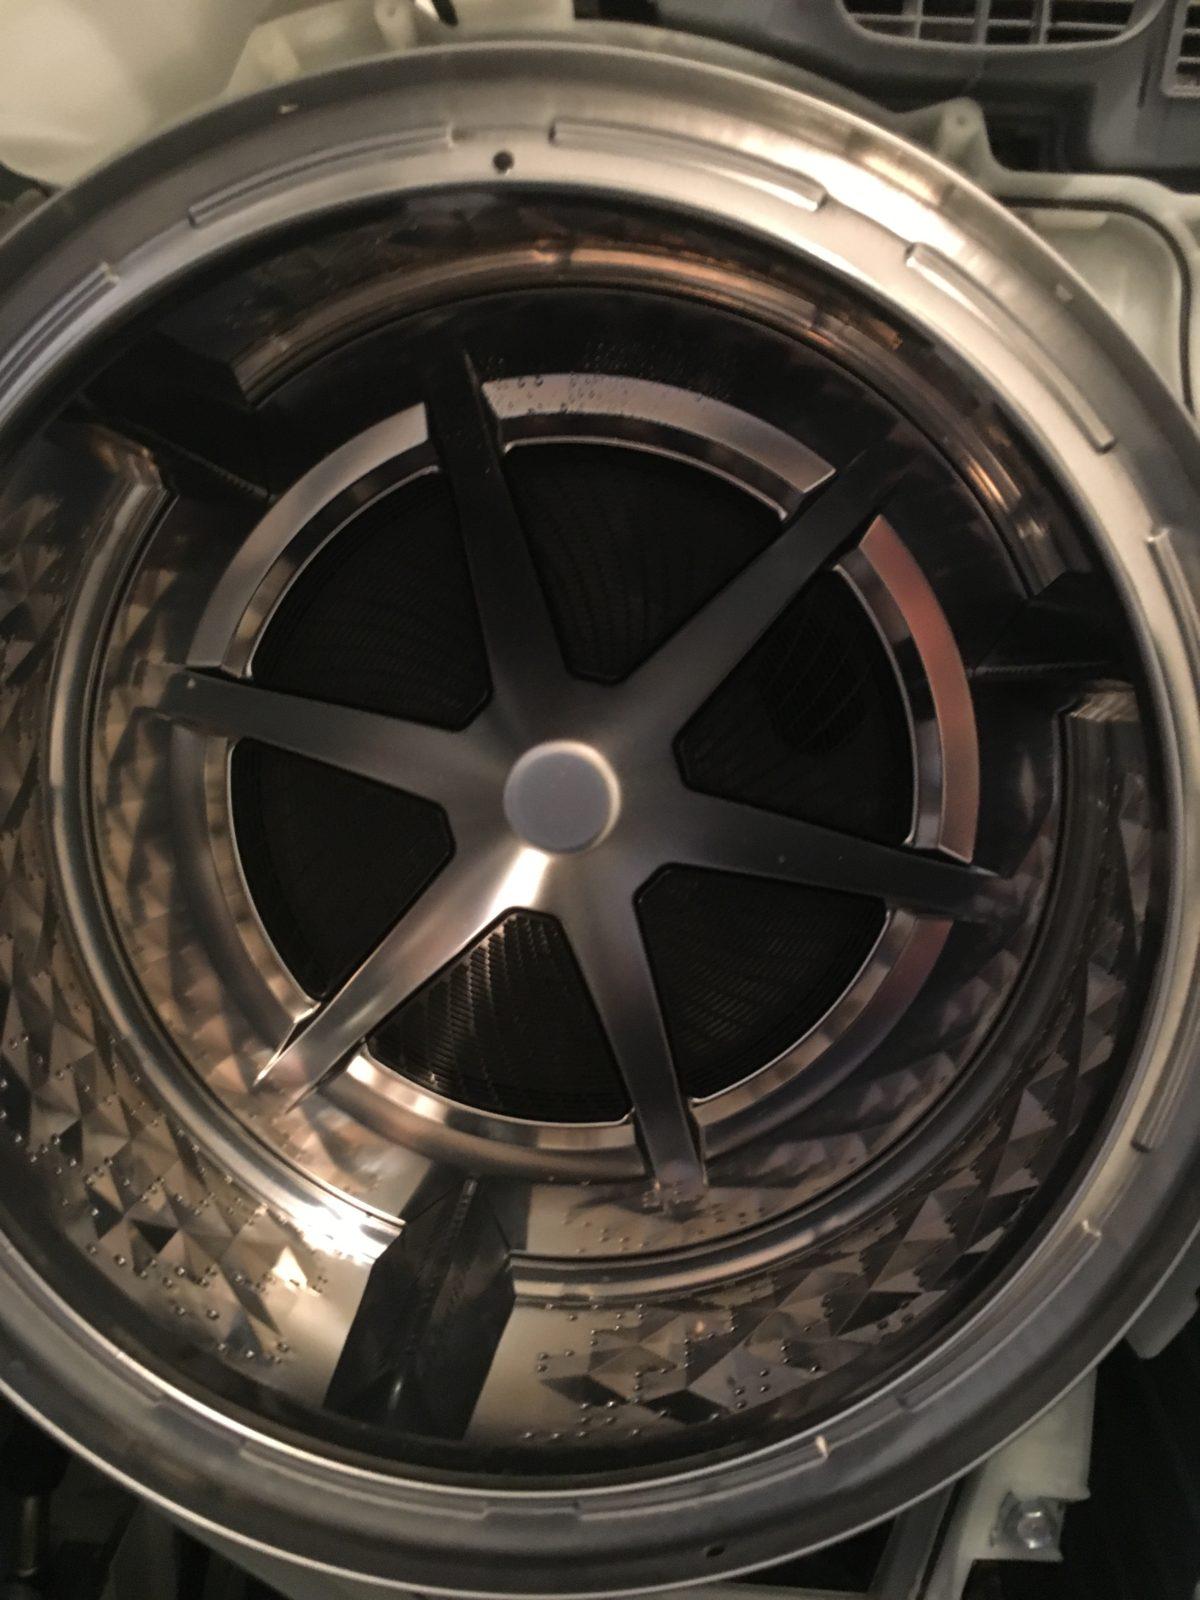 パナソニック:NA-VG700 ドラム内部 アフター